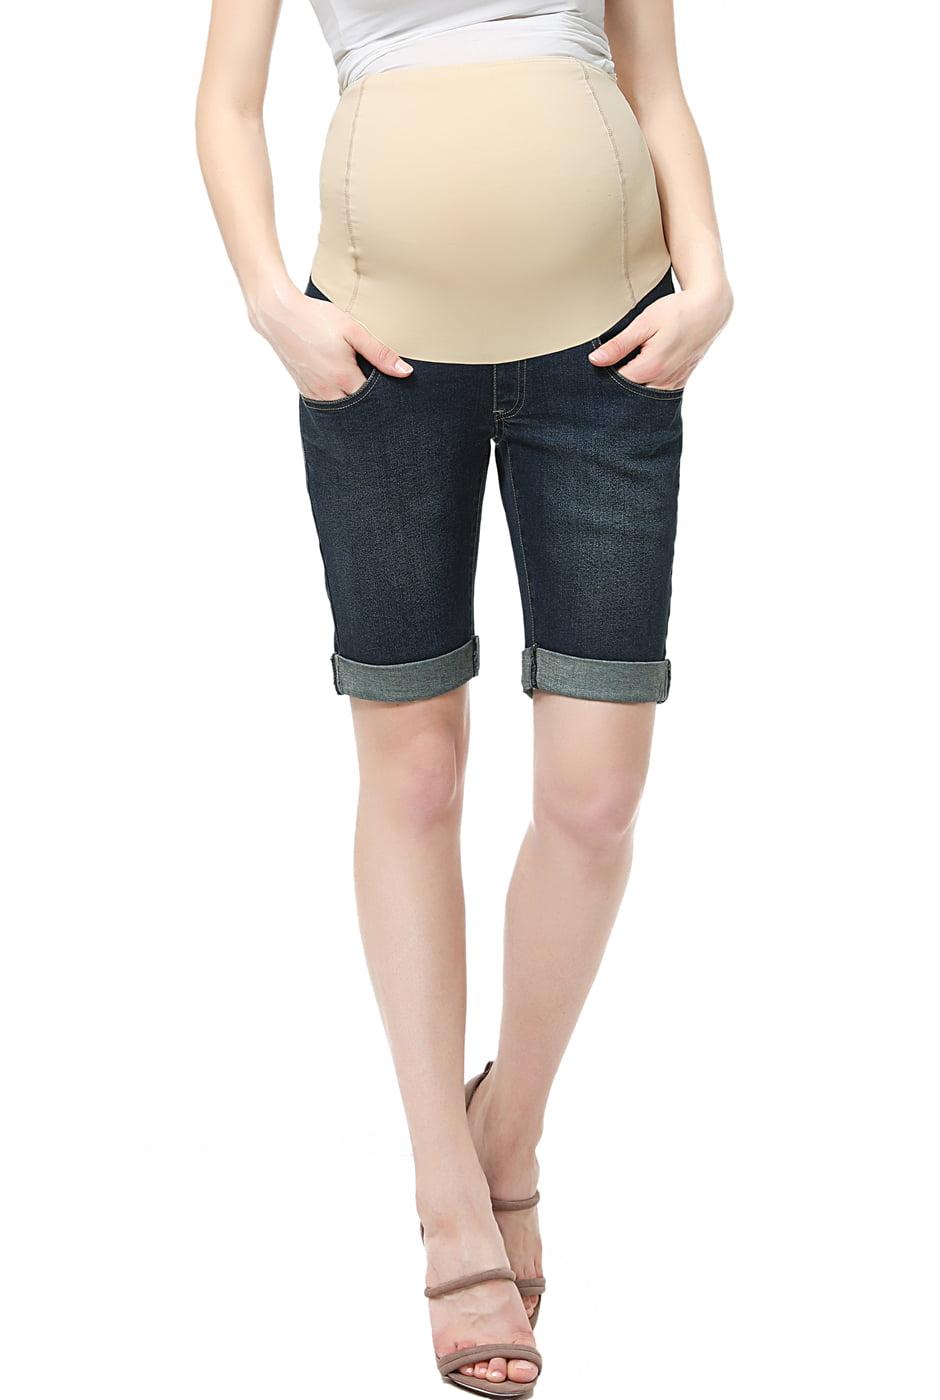 Maternity Women's Denim Shorts 27 by Glow & Grow